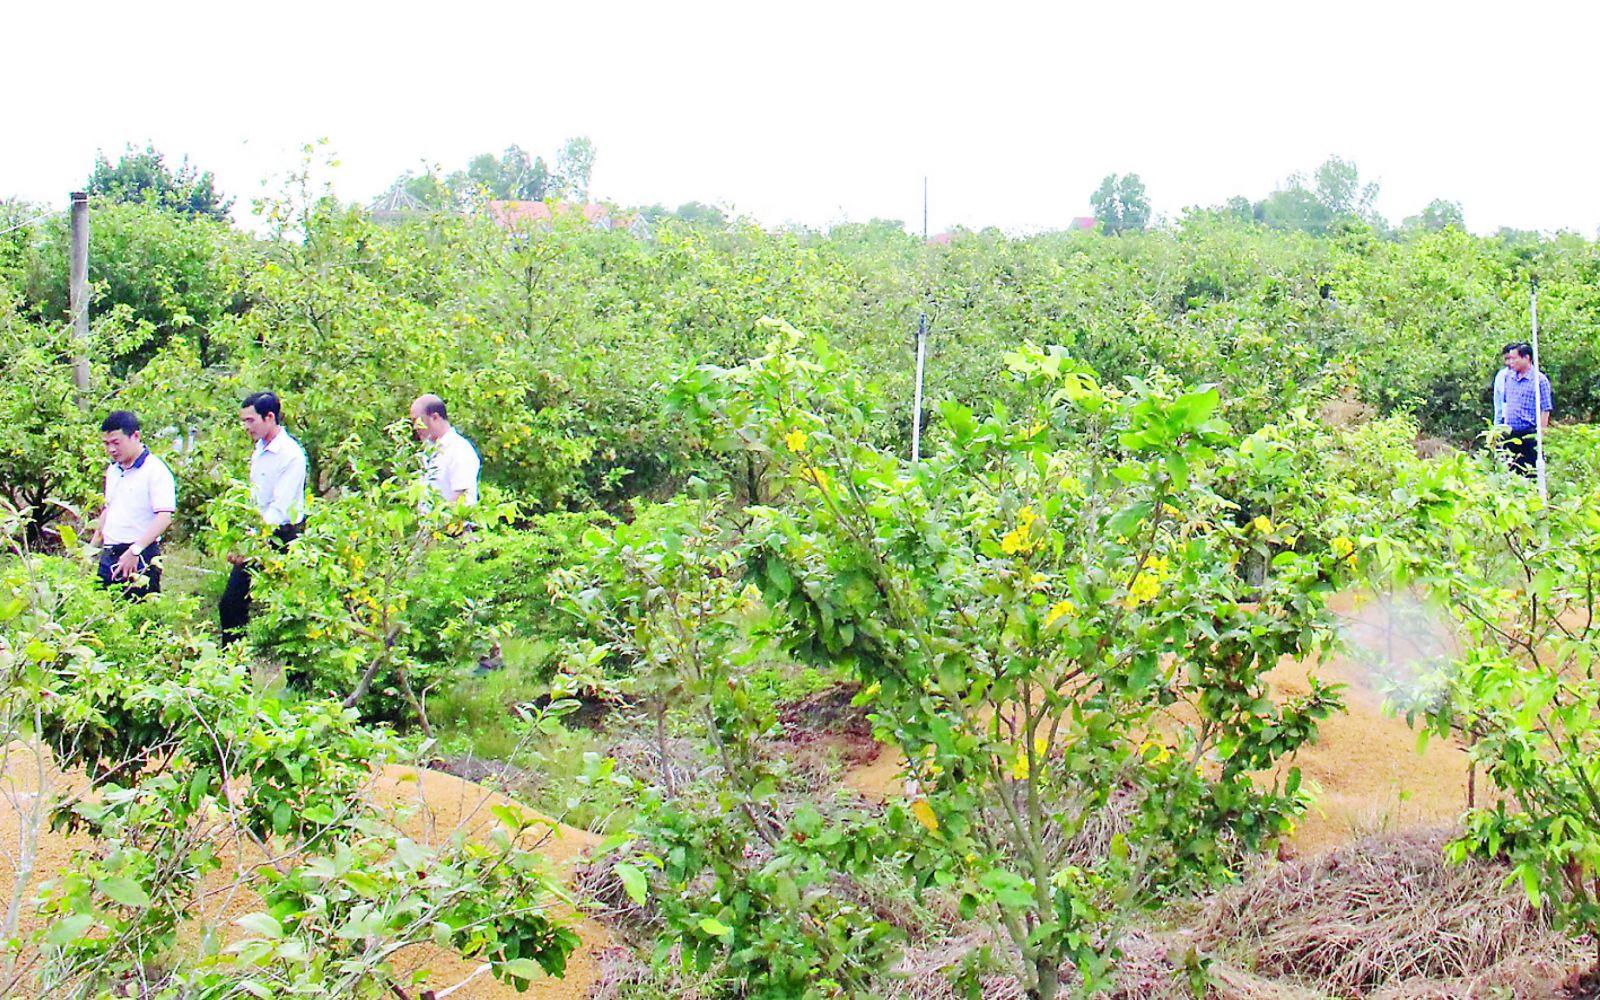 Từ một vài diện tích nhỏ, lẻ, đến nay, làng nghề trồng mai vàng Tân Tây đầu tiên của tỉnh được nhiều người biết đến